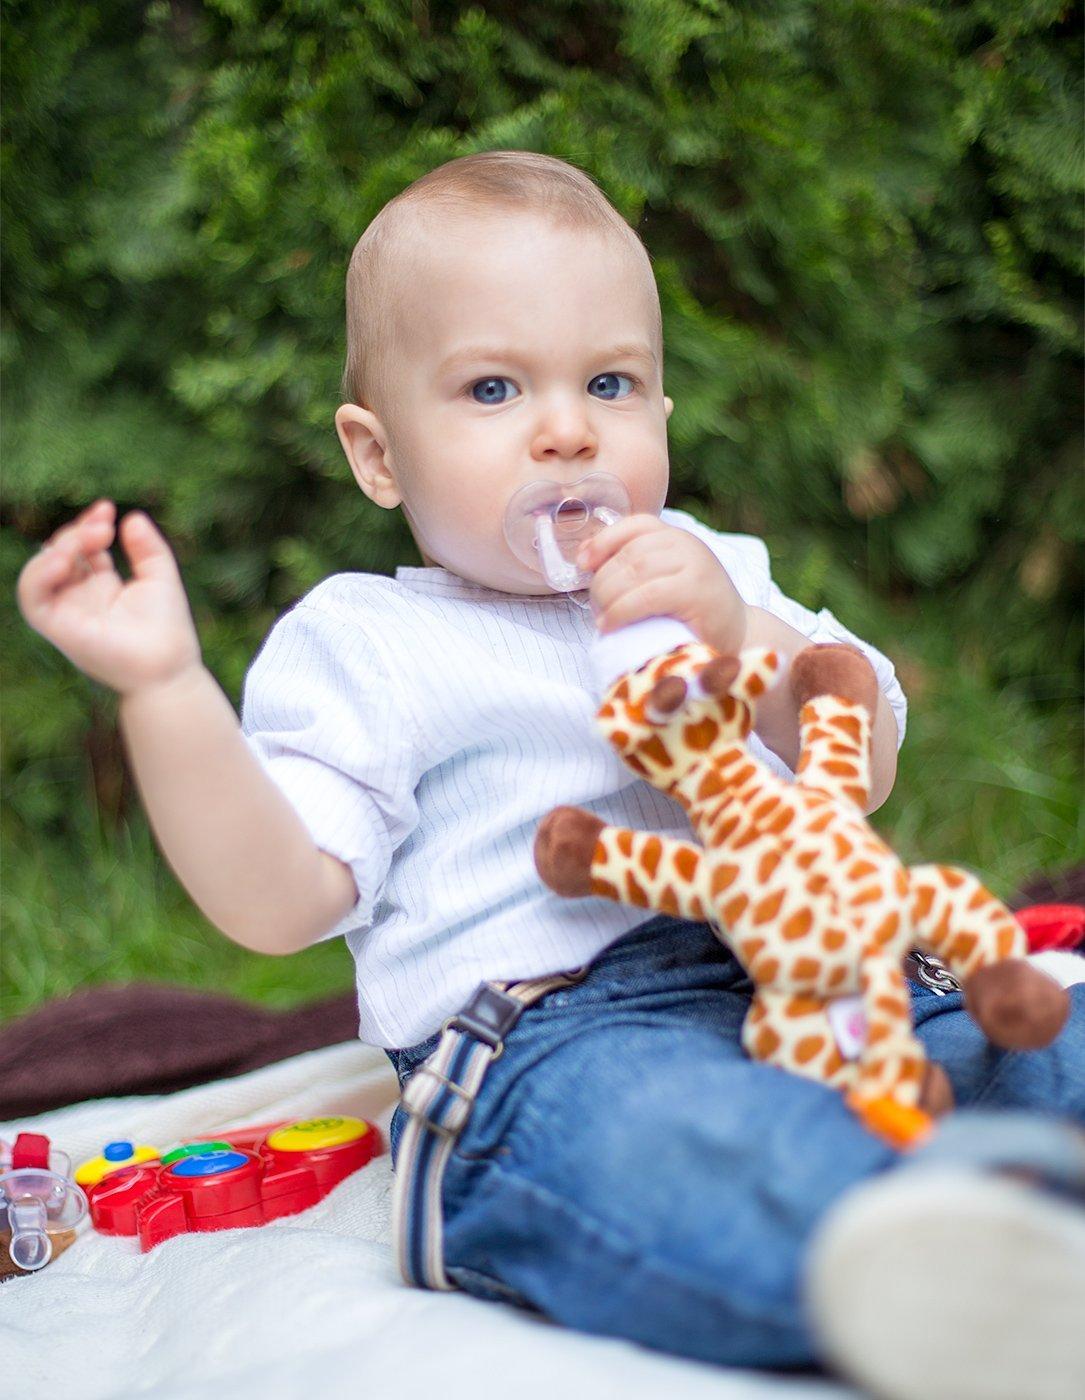 Porta-mordedor Chupador con correa cierre /& Sonido Chupete con jirafa BabyHuggle Juguete de felpa suave con chup/ón separable de silicona Chupeta con peluche para beb/é